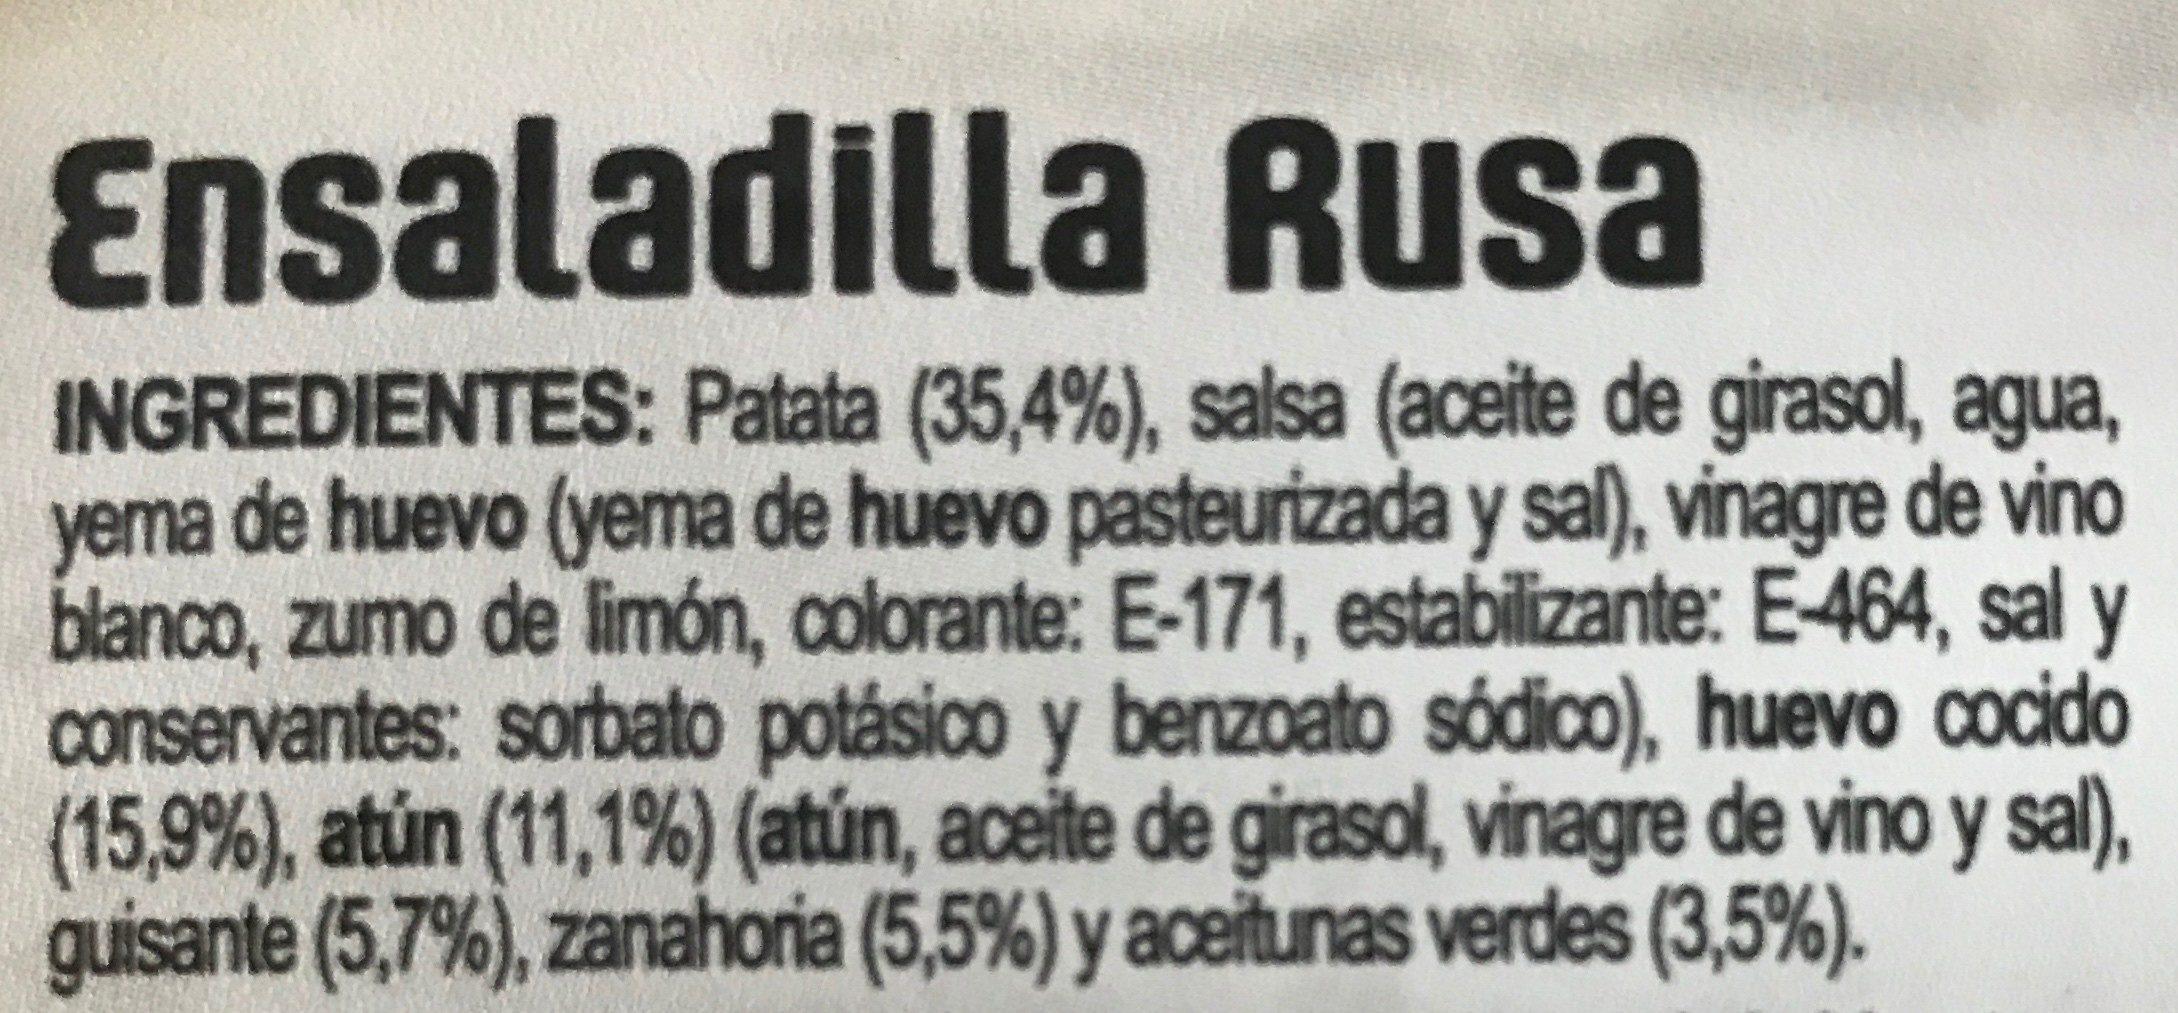 ensaladilla rusa - Ingrédients